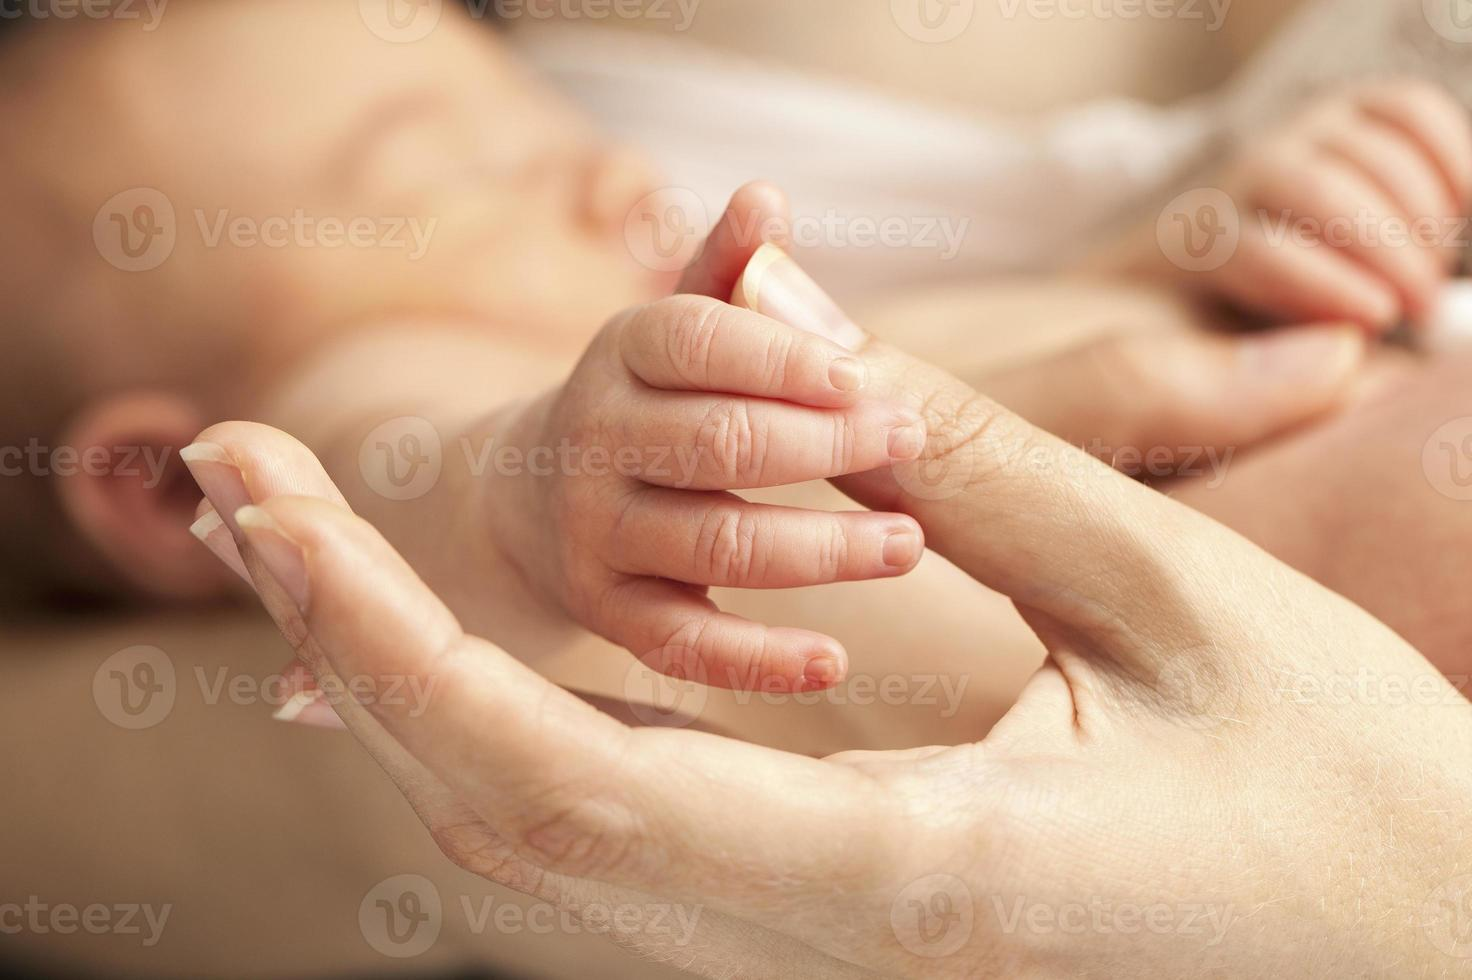 mano del neonato che tiene il pollice della madre foto